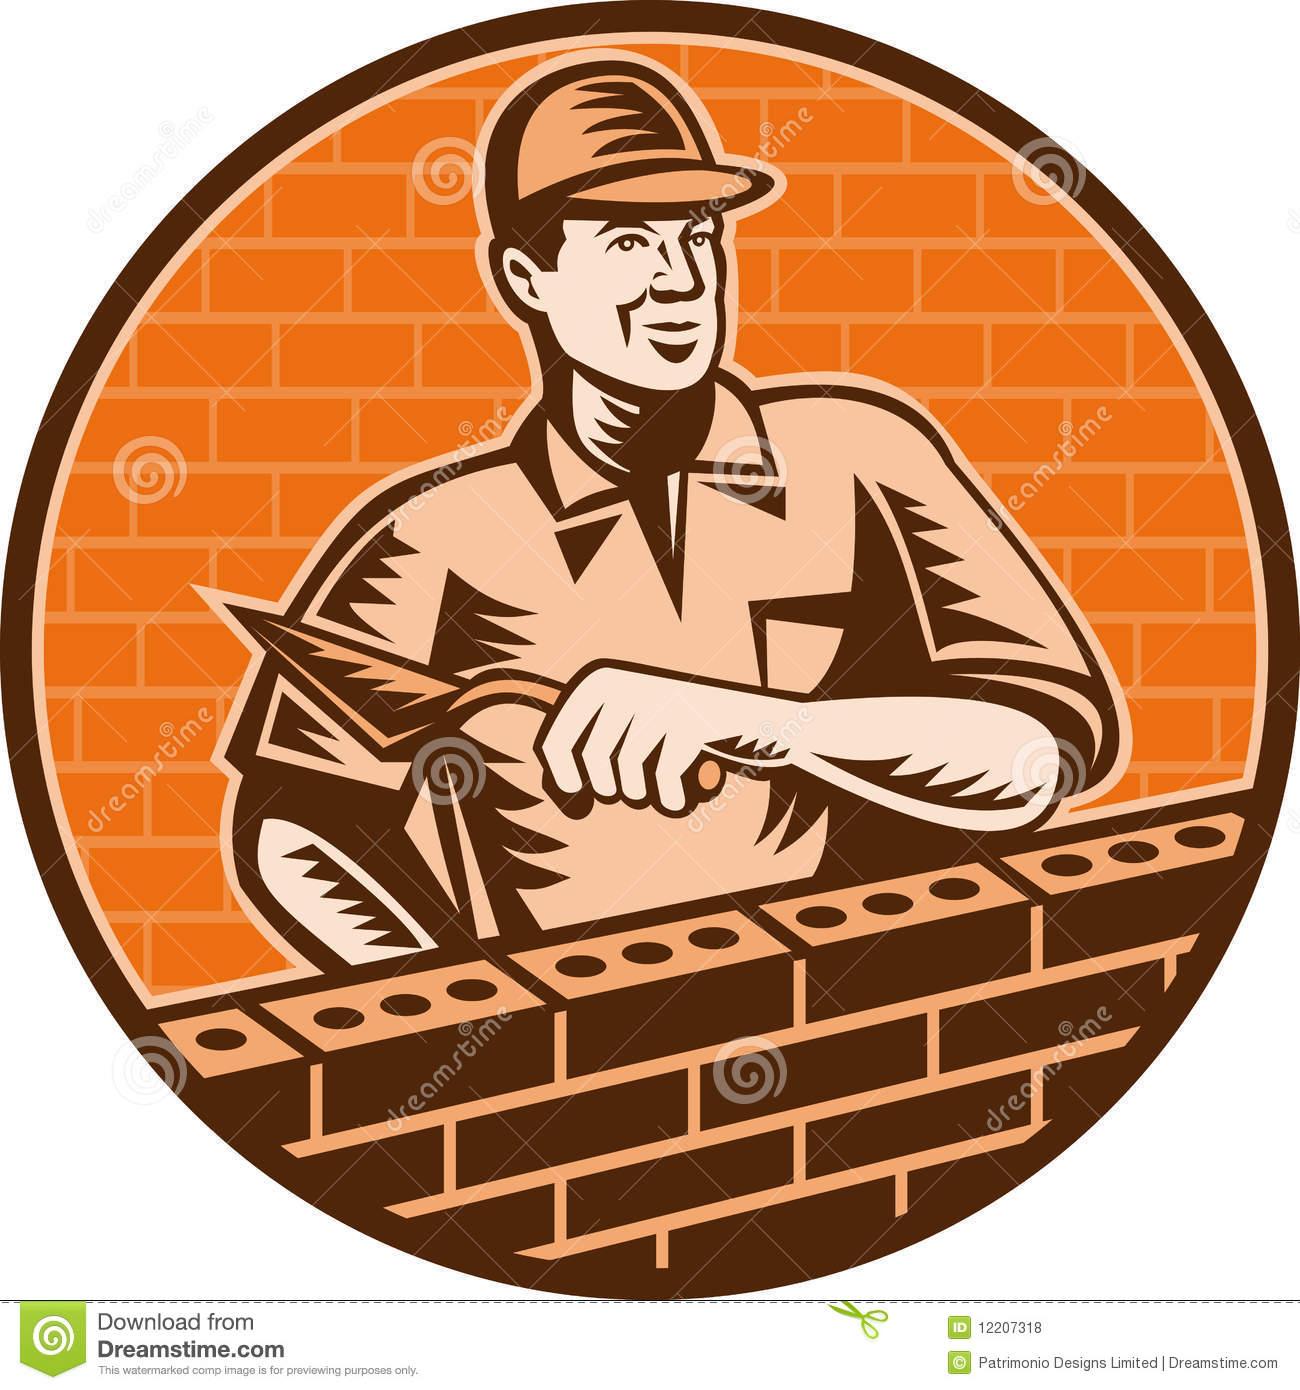 Brick masonry clipart - Clipground